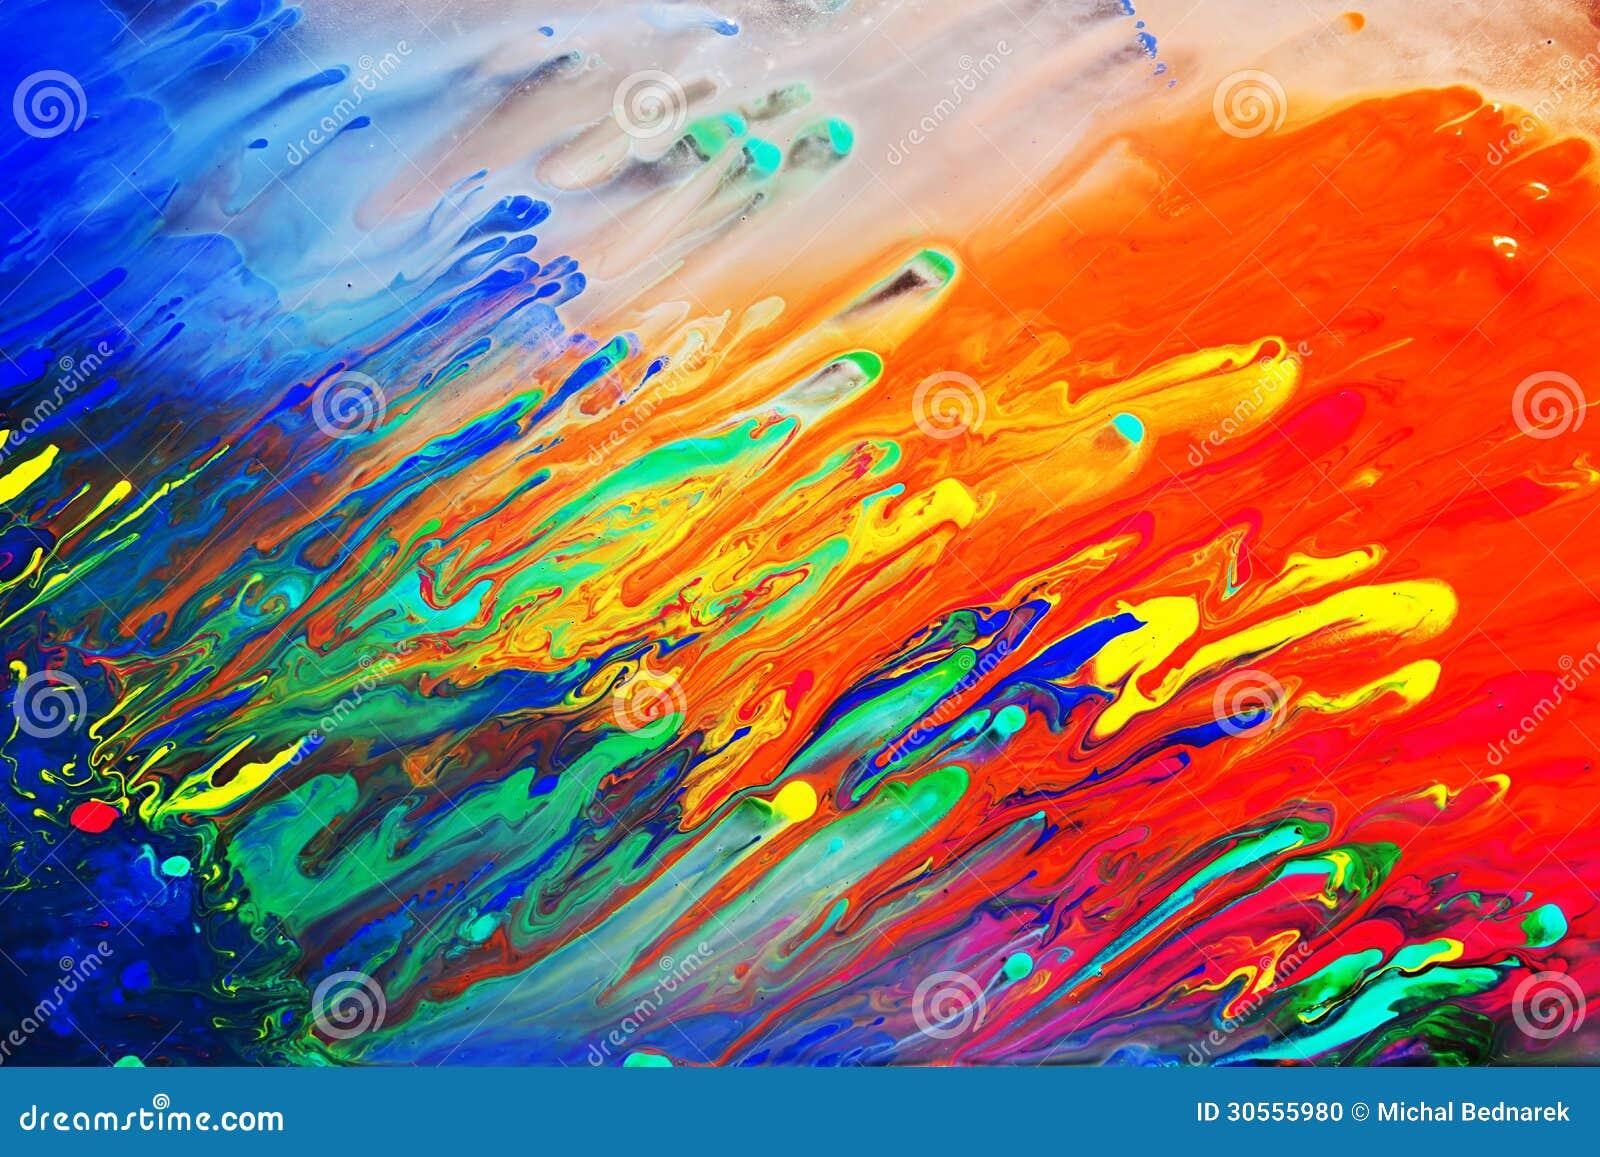 Peinture acrylique abstraite colorée Le mélange dynamique naturel